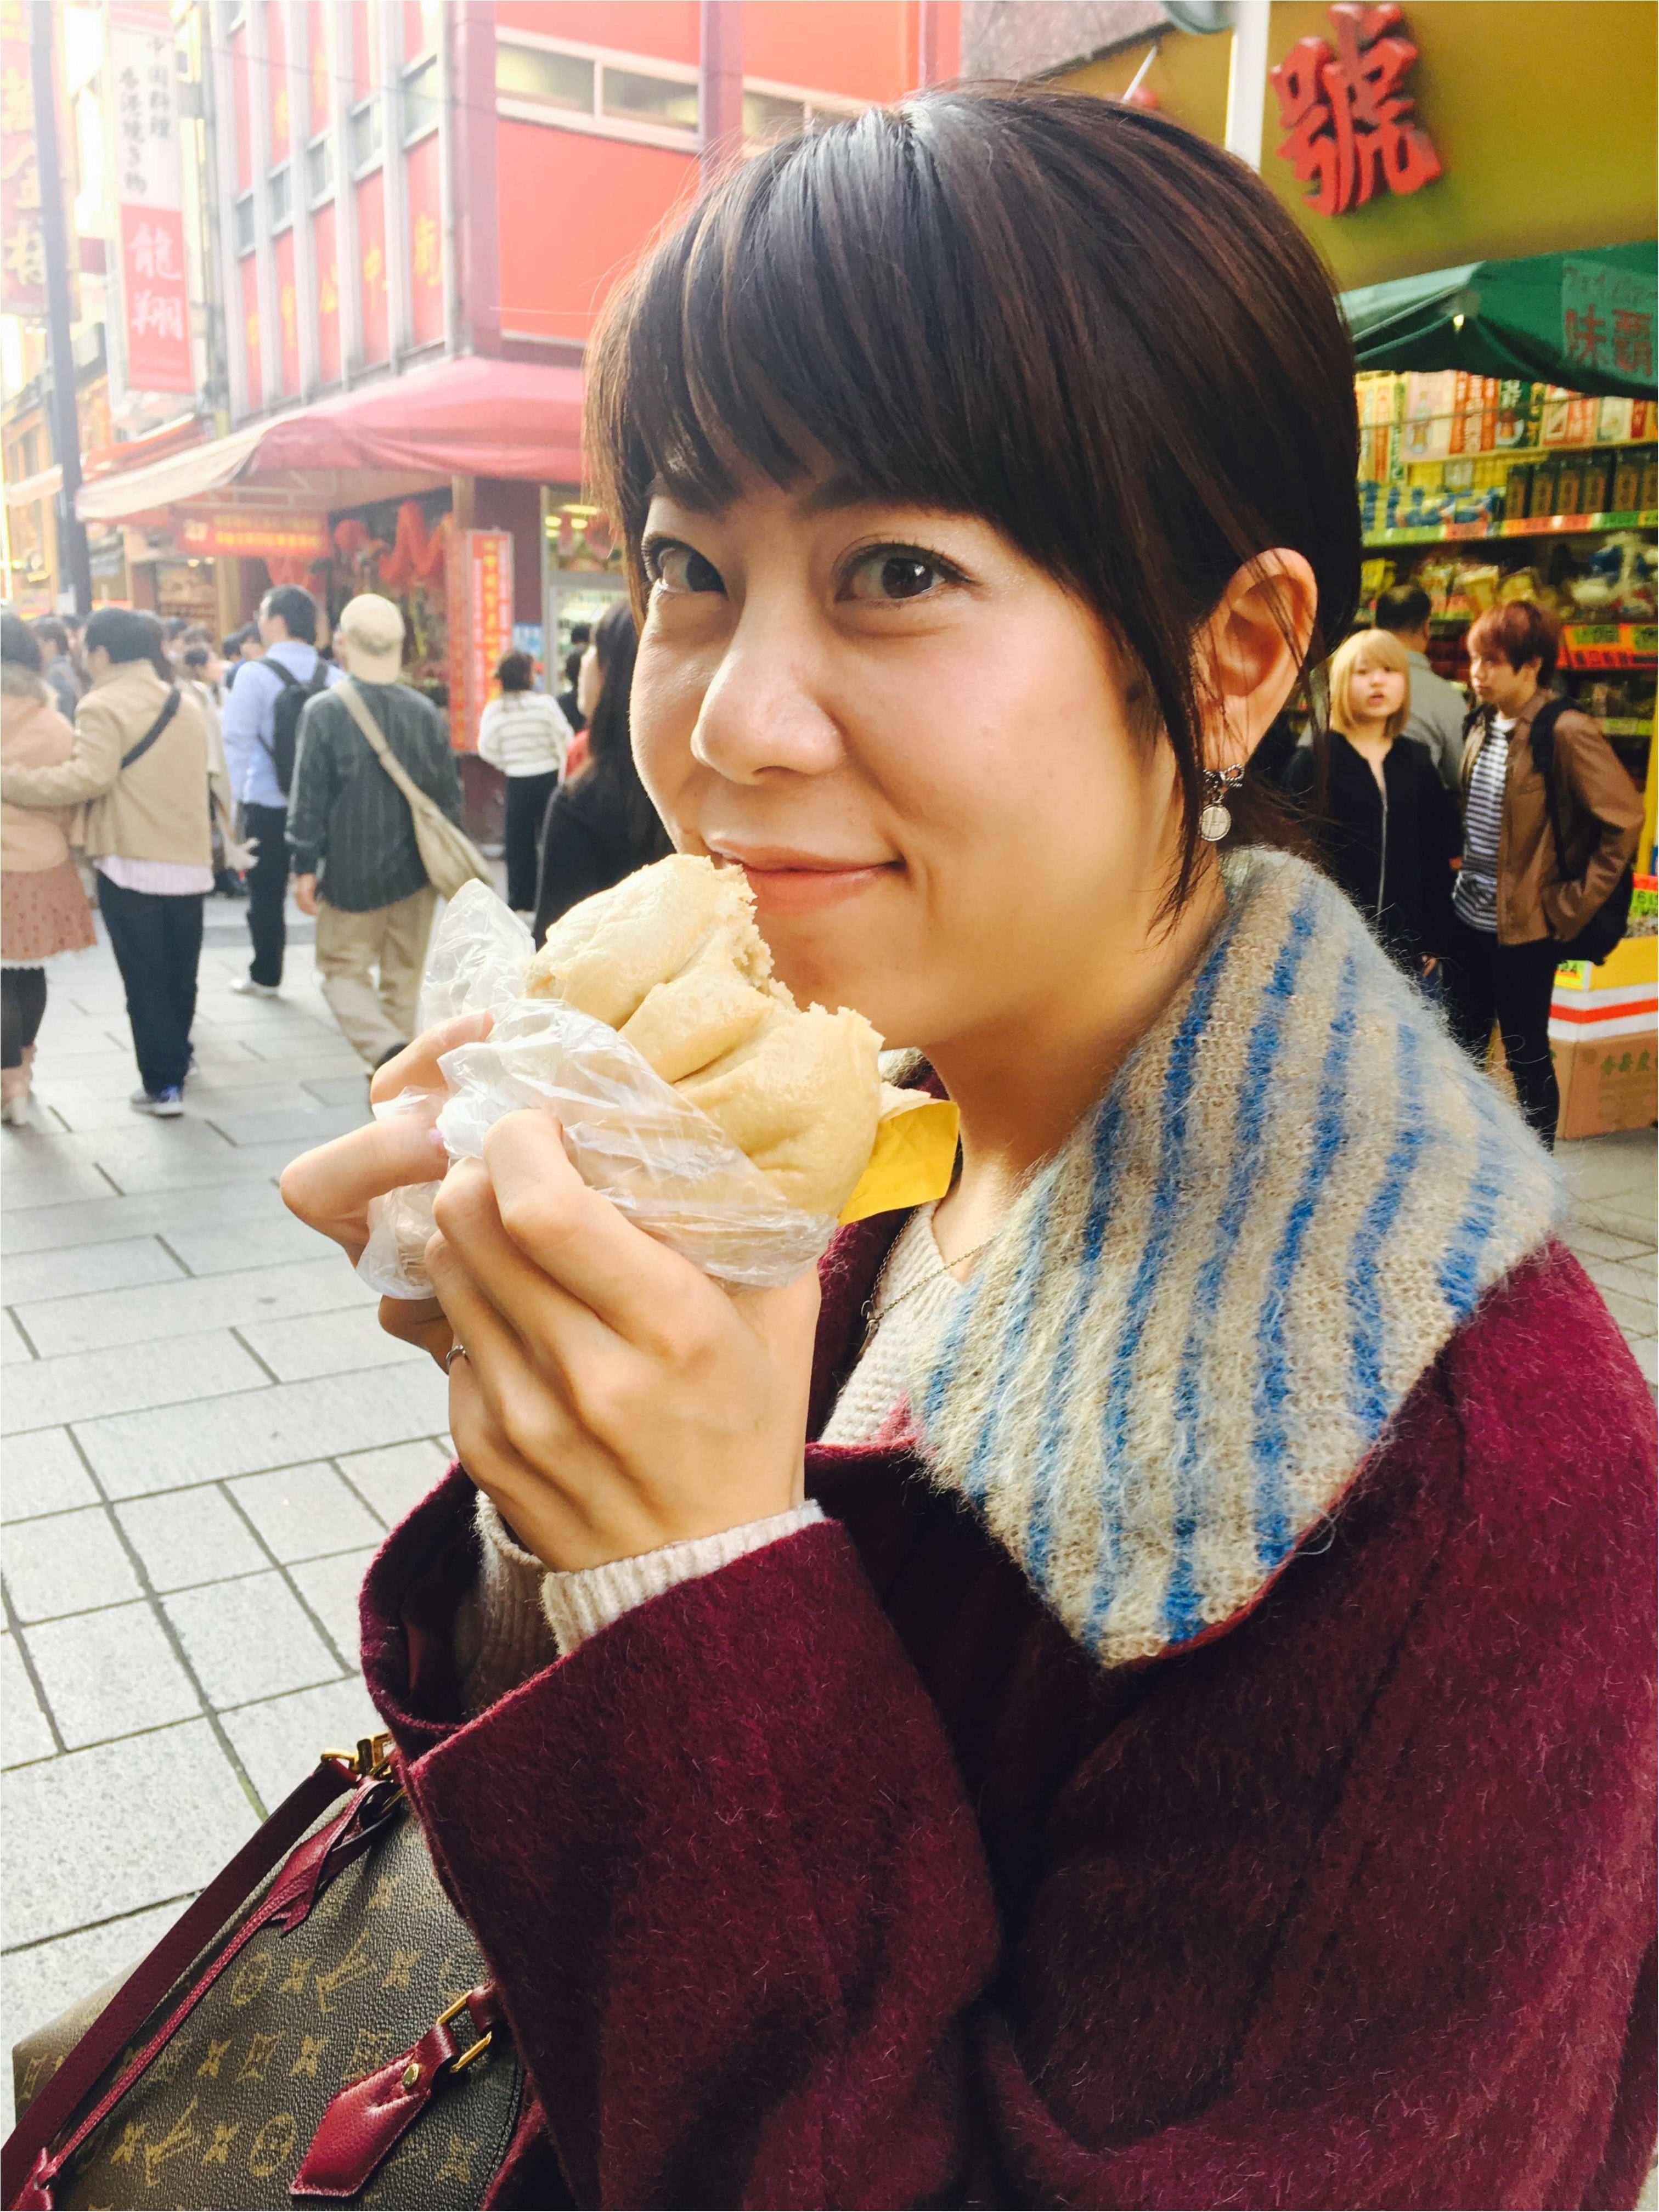 横浜中華街で食べ歩き!そしてやっぱり気になるよく当たる手相占い!_1